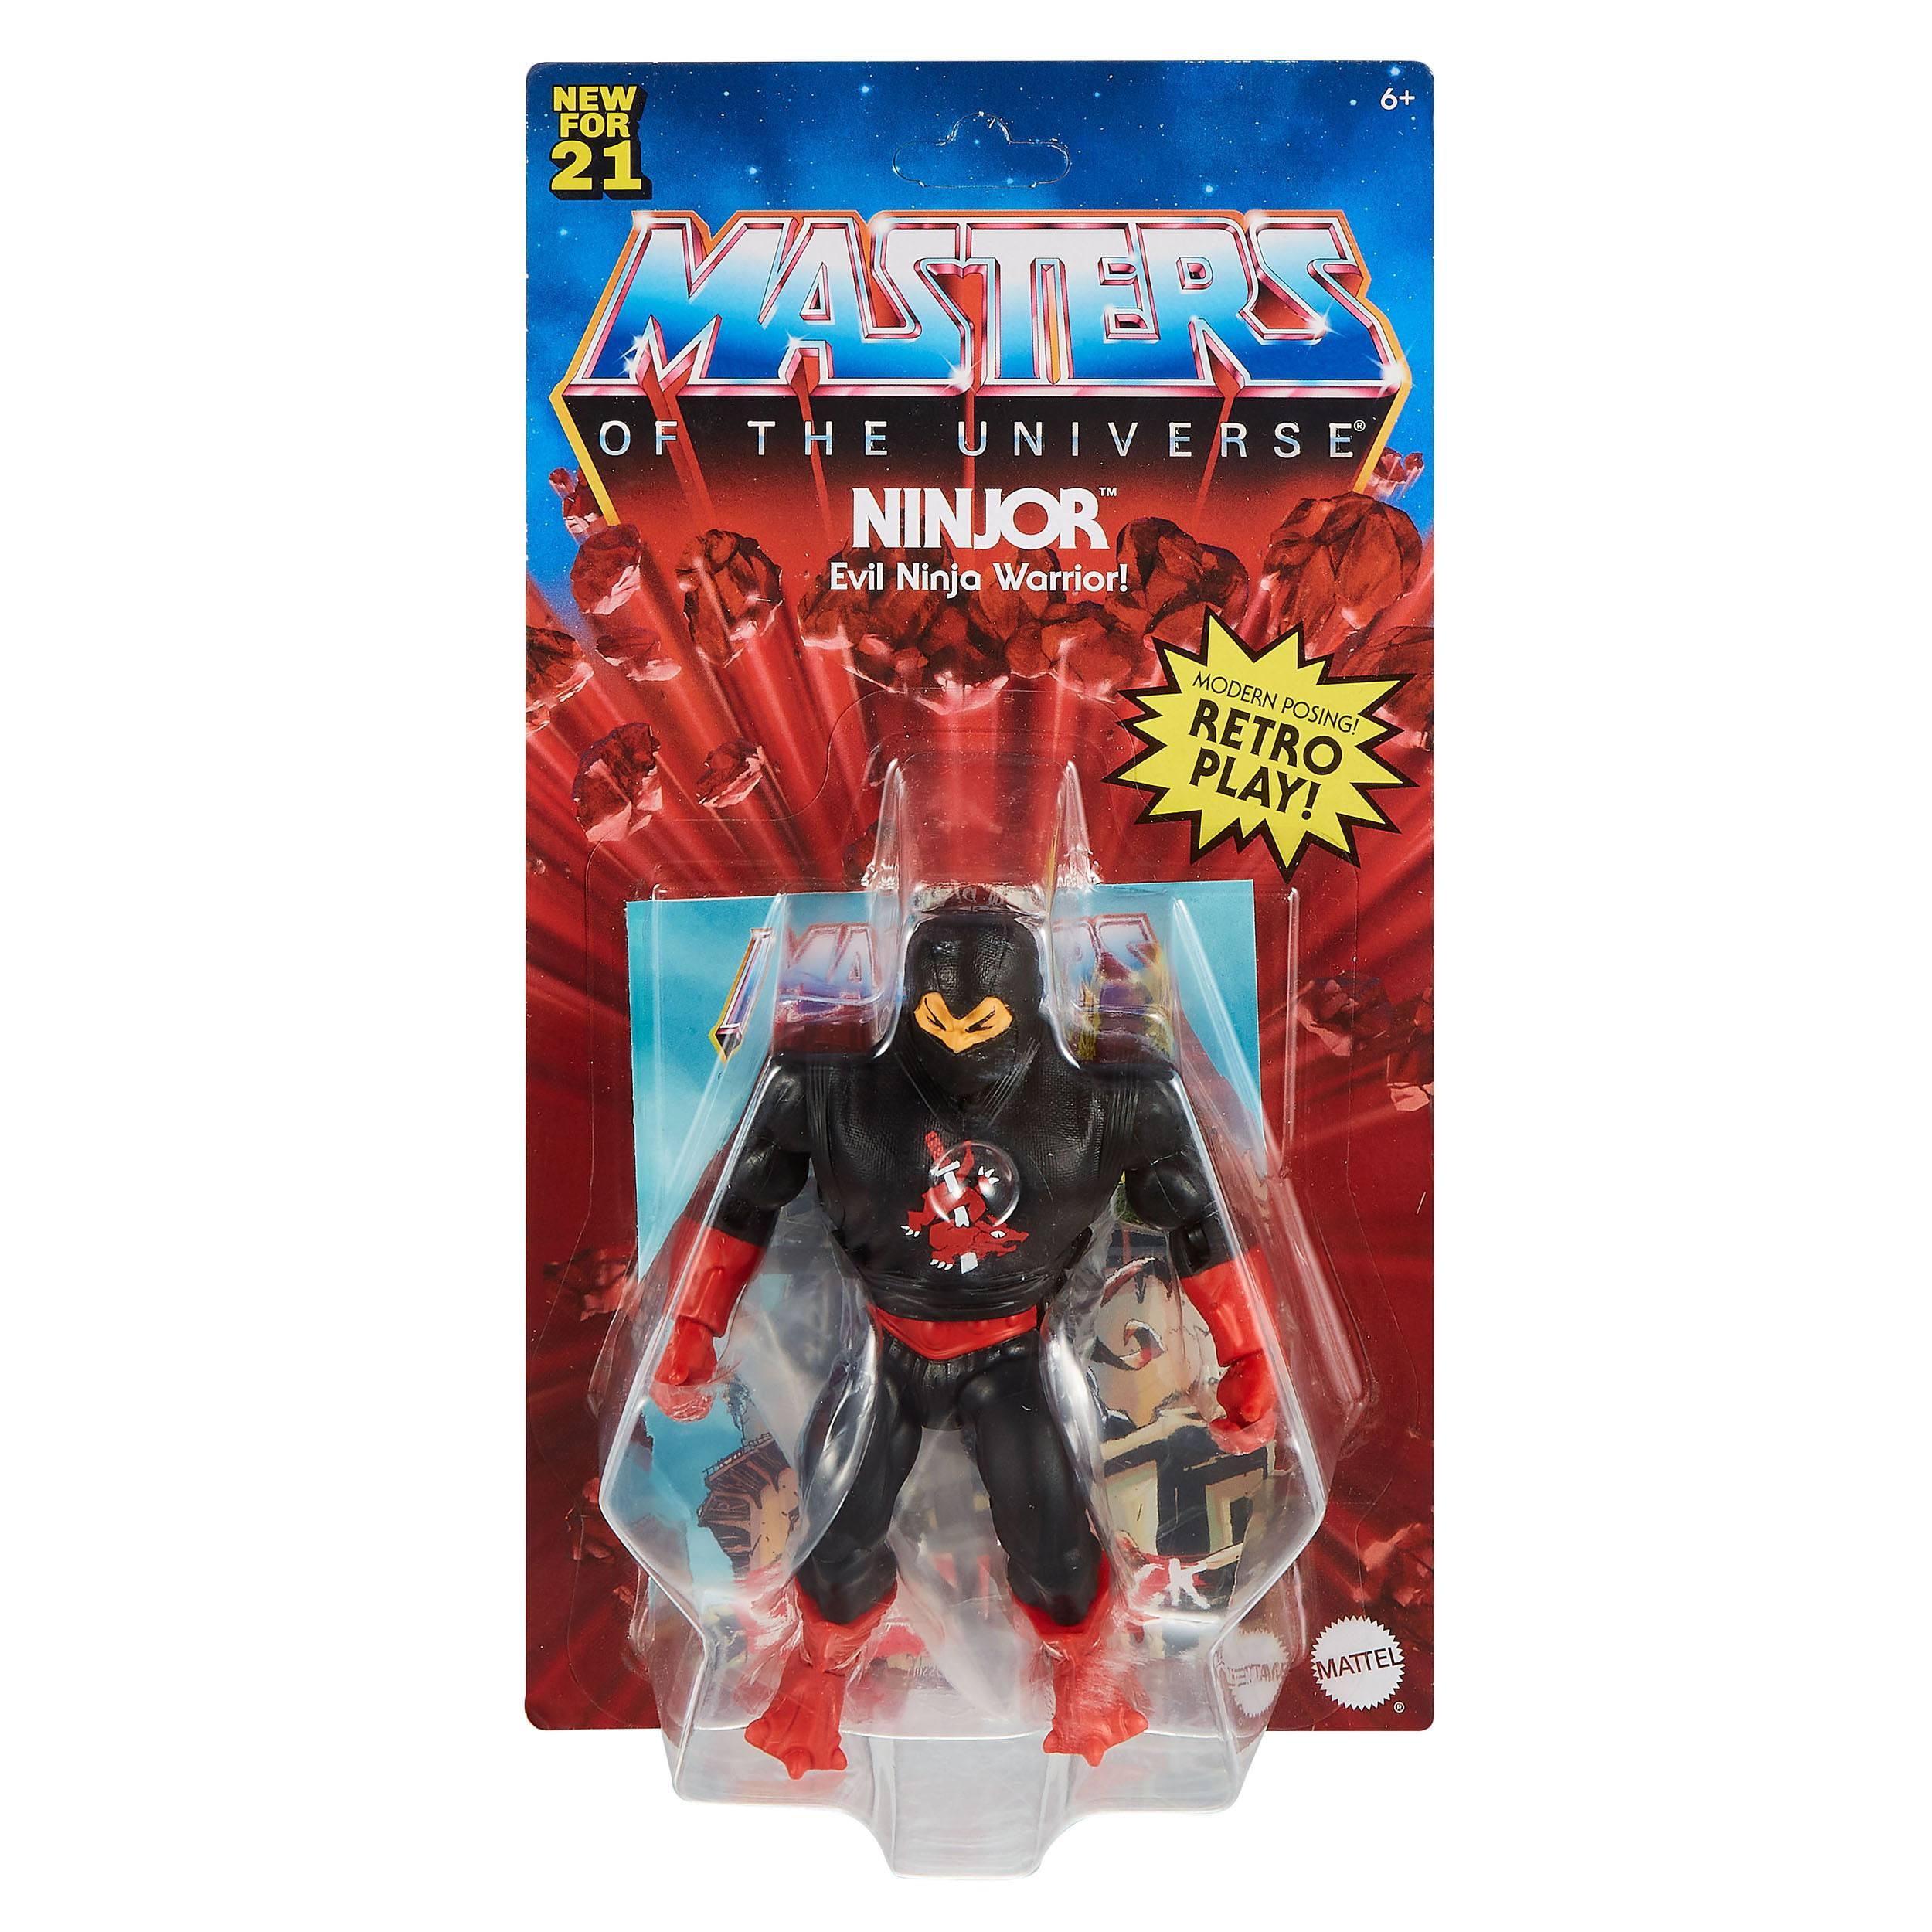 Masters of the Universe Origins Actionfigur 2021 Ninjor 14 cm (EU Karte) MATTGVW66 887961934151